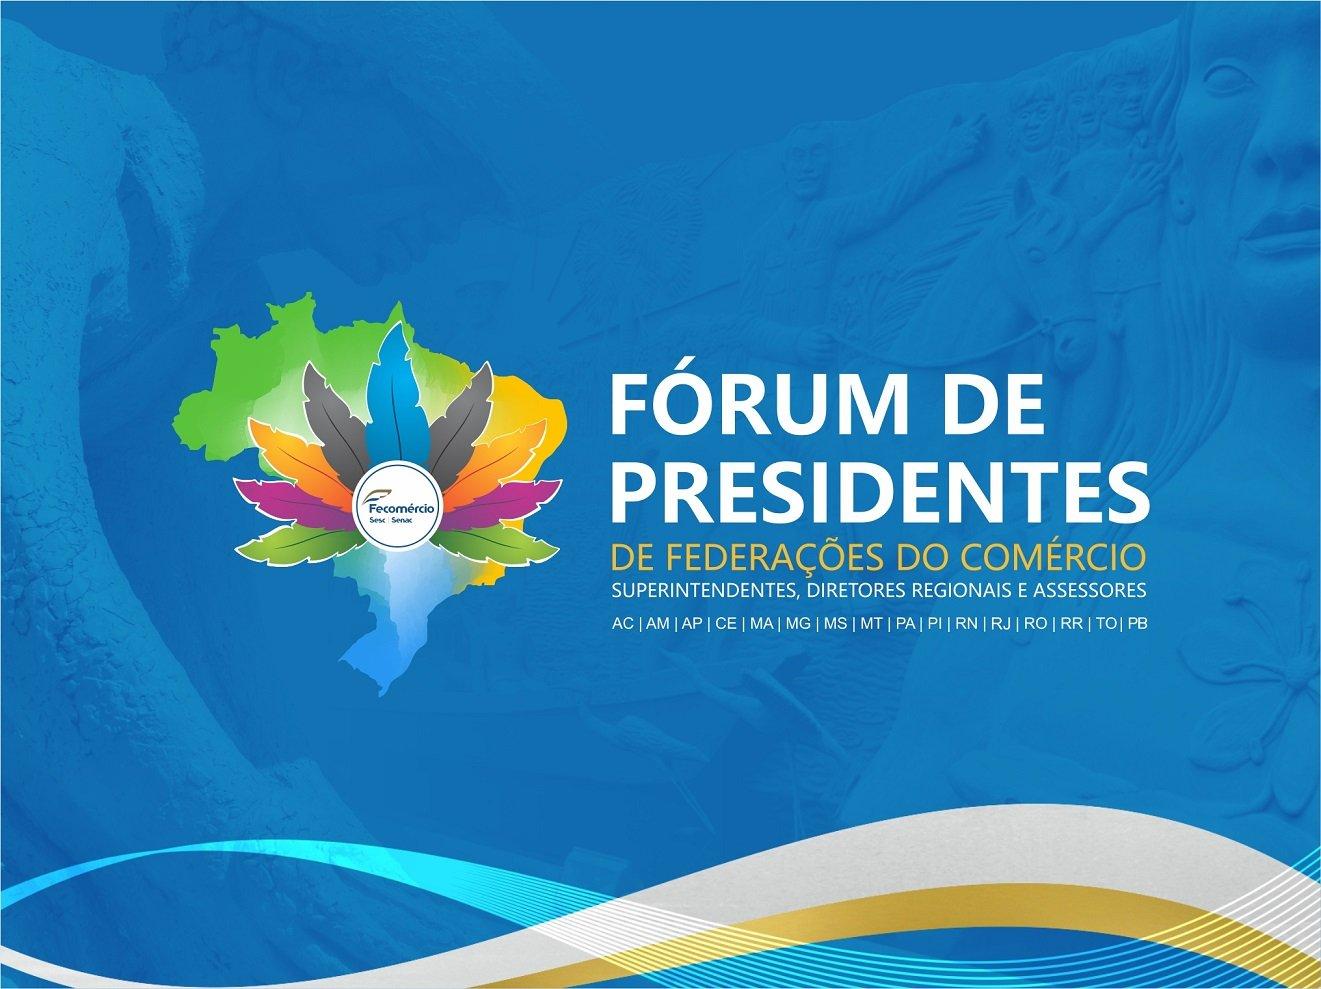 Sistema Fecomércio Pará participa do XXVII Fórum de Presidentes de Federações do Comércio